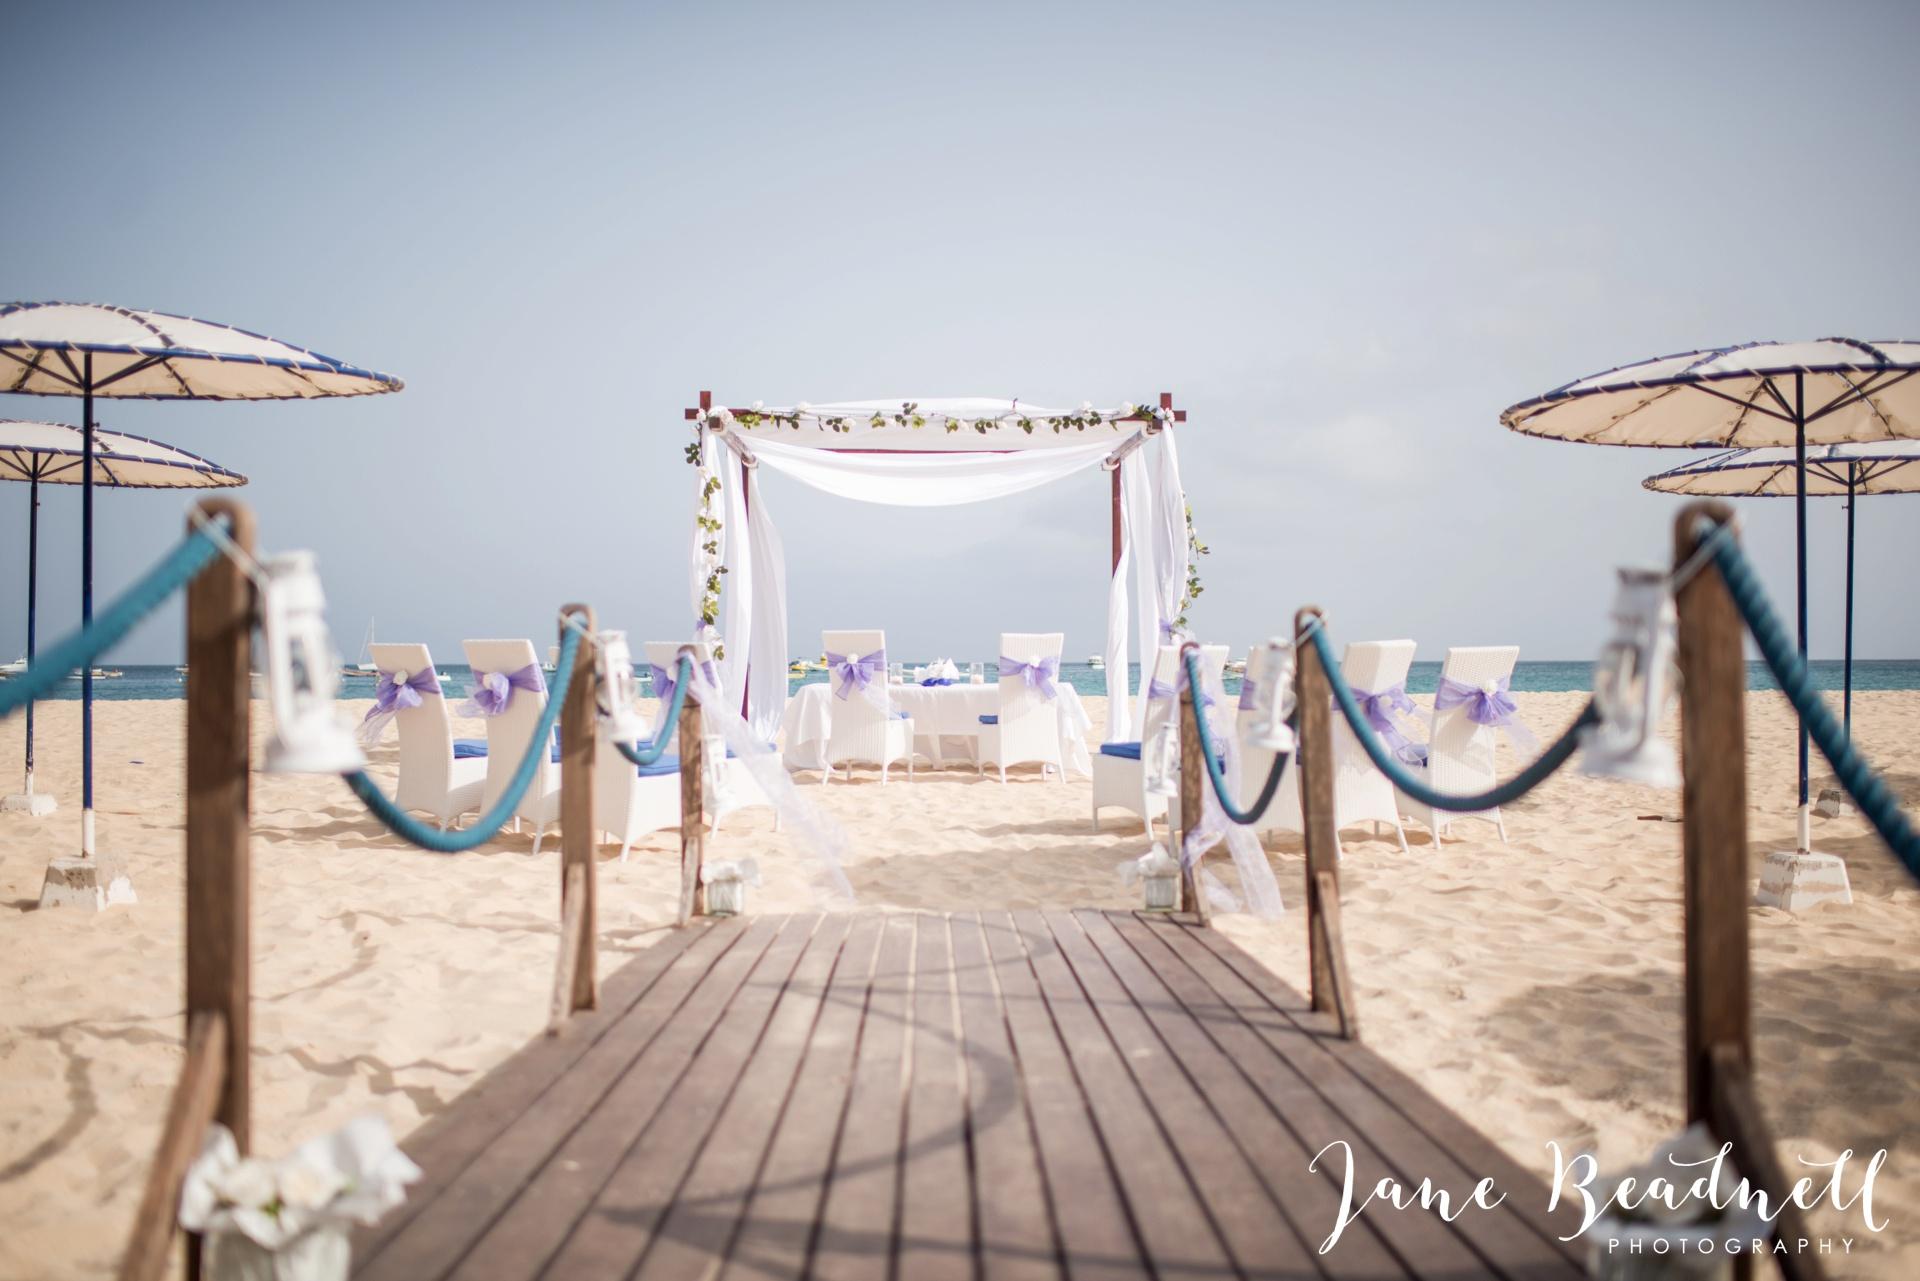 Jane Beadnell fine art wedding photographer Leeds Destination wedding photographer_0013